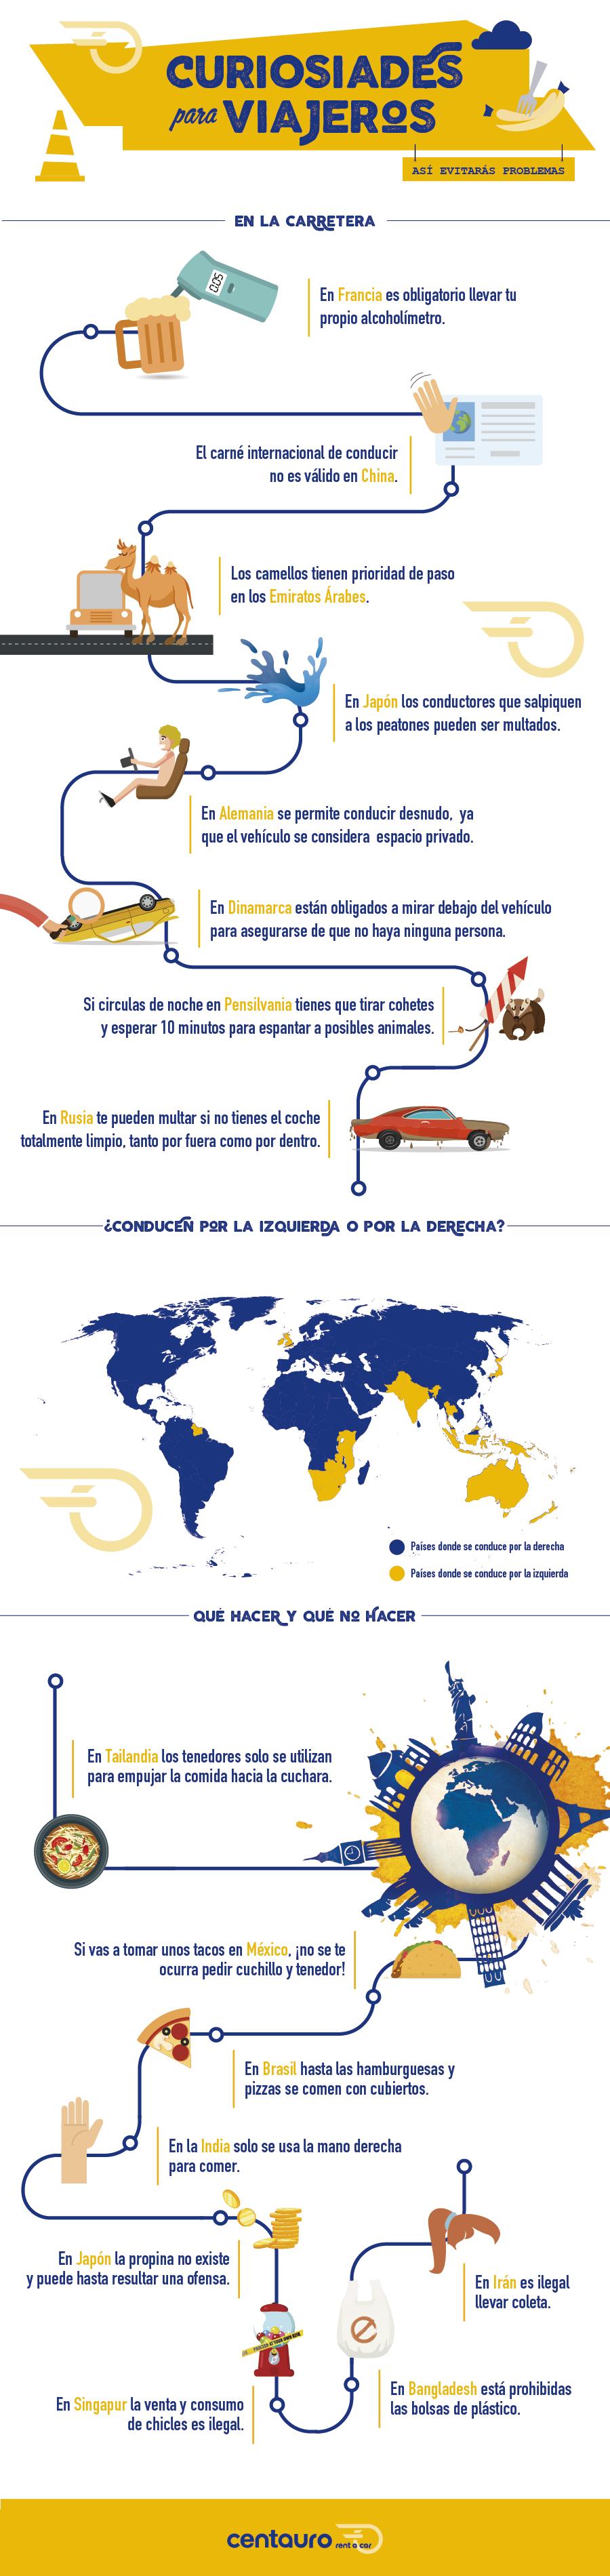 Curiosidades para viajeros si vais a alquilar un coche en el extranjero